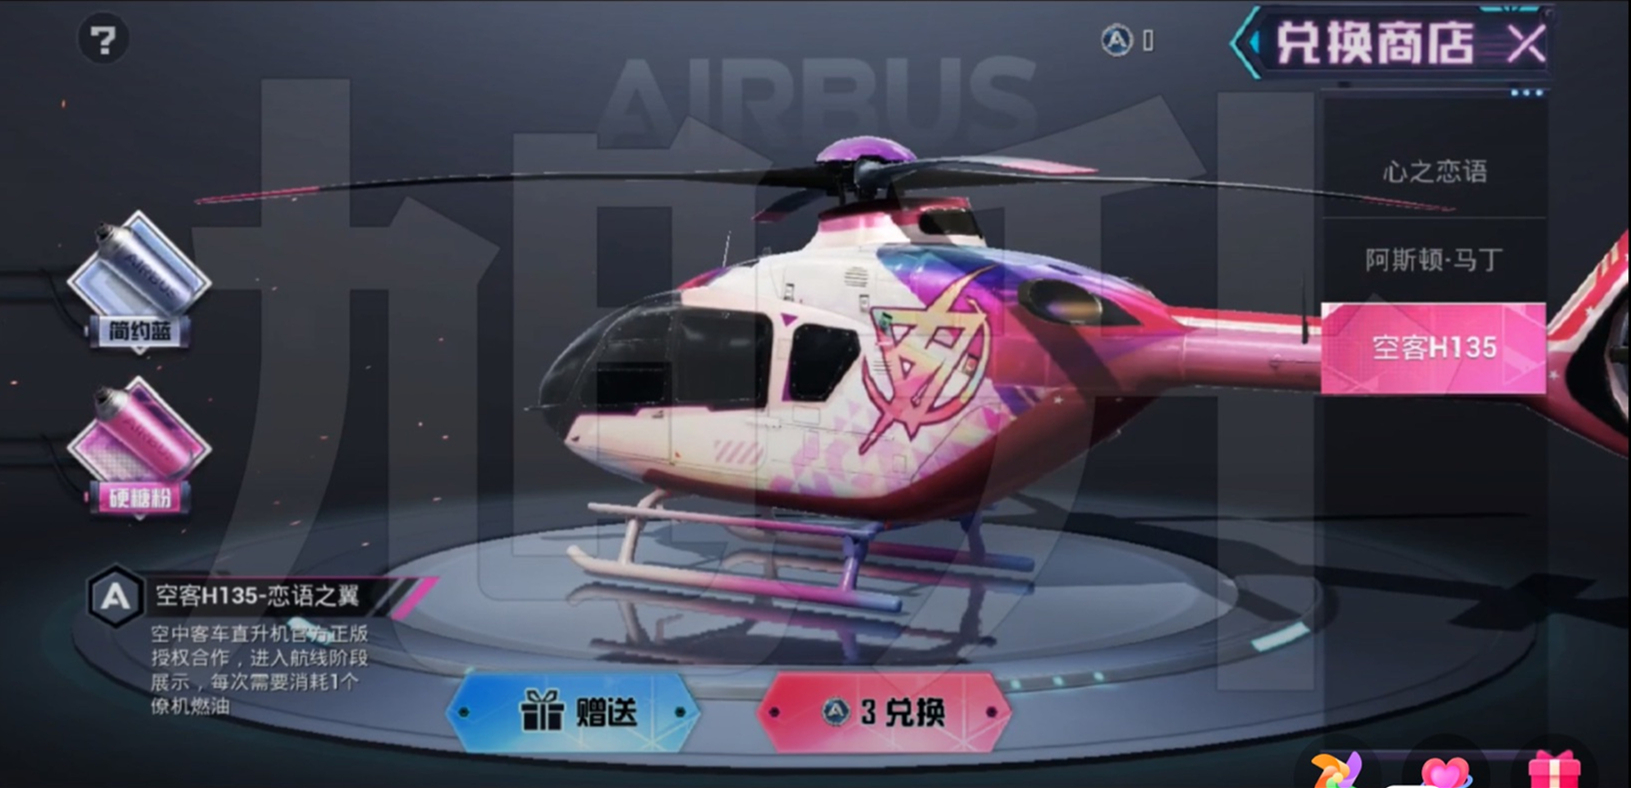 """""""吃鸡""""阿斯顿马丁的兑换商店曝光,3个币换一架空客H135"""